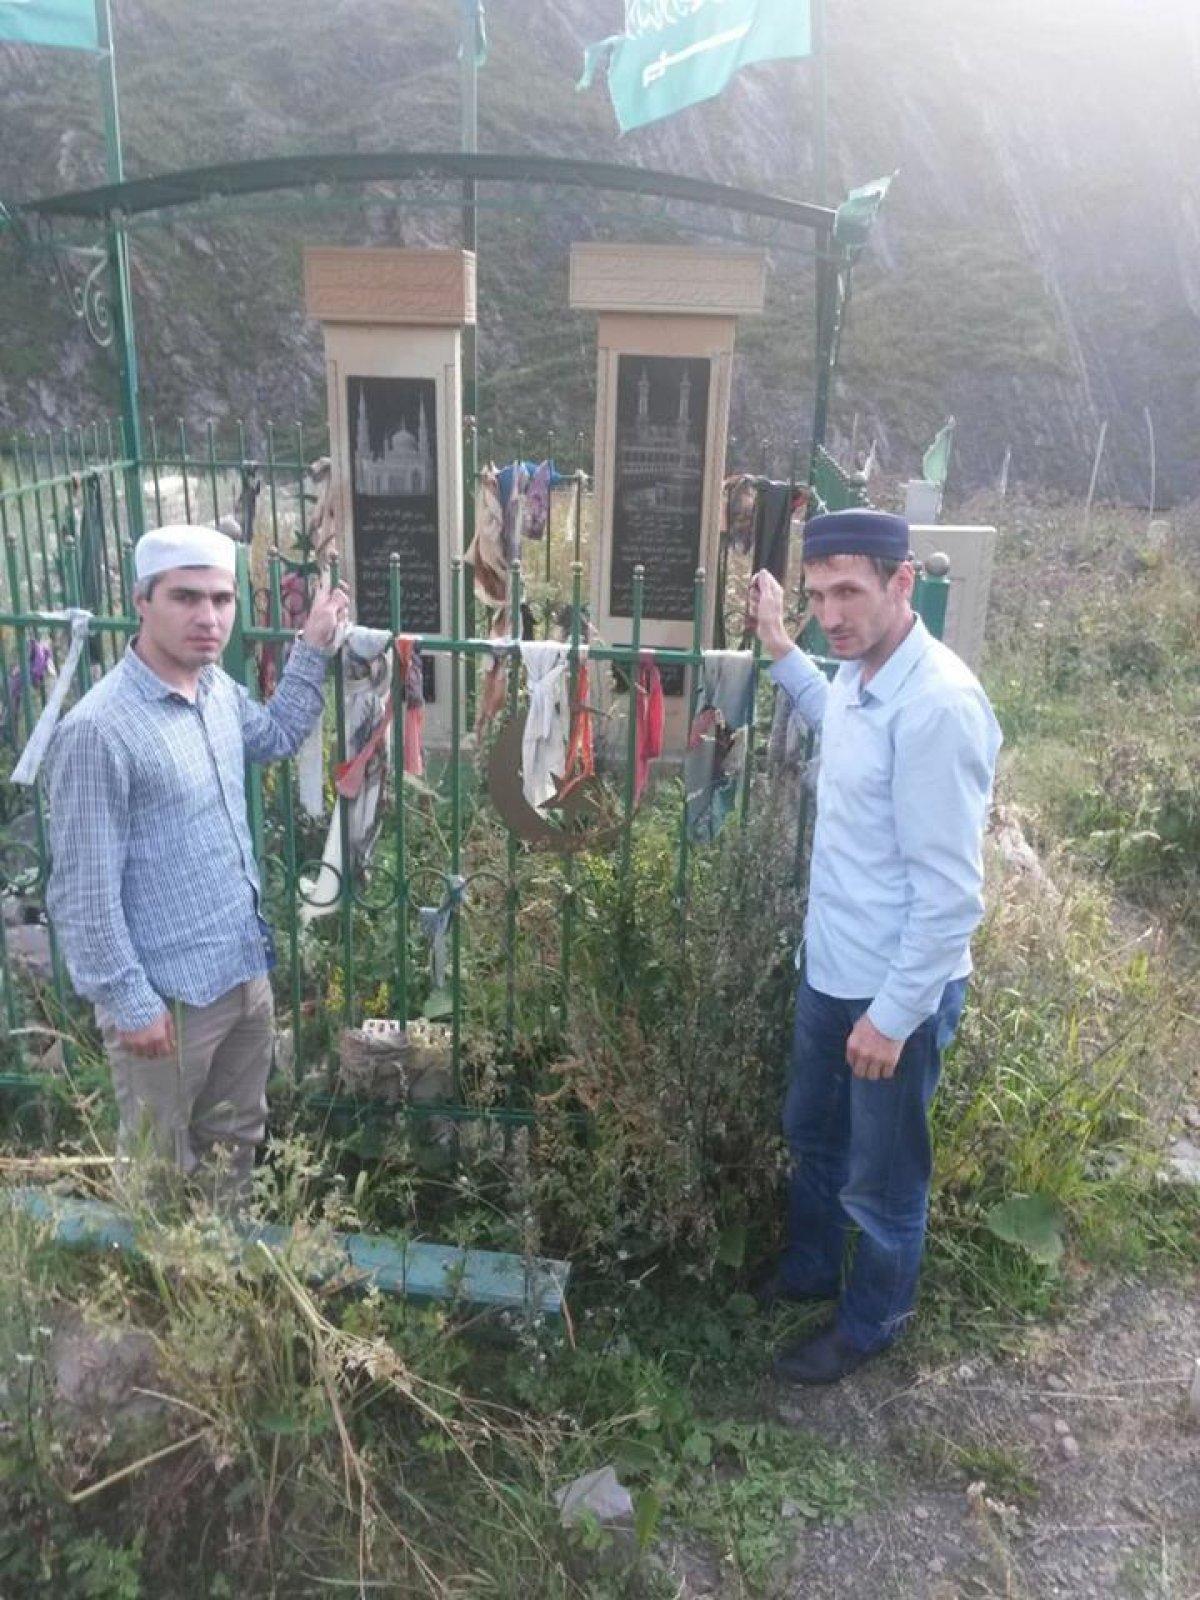 Ректор Дагестанского гуманитарного института Магомед Магомедов, находясь в рабочей поездке, посетил родовое село первого ректора Максуда Садикова - Арчиб